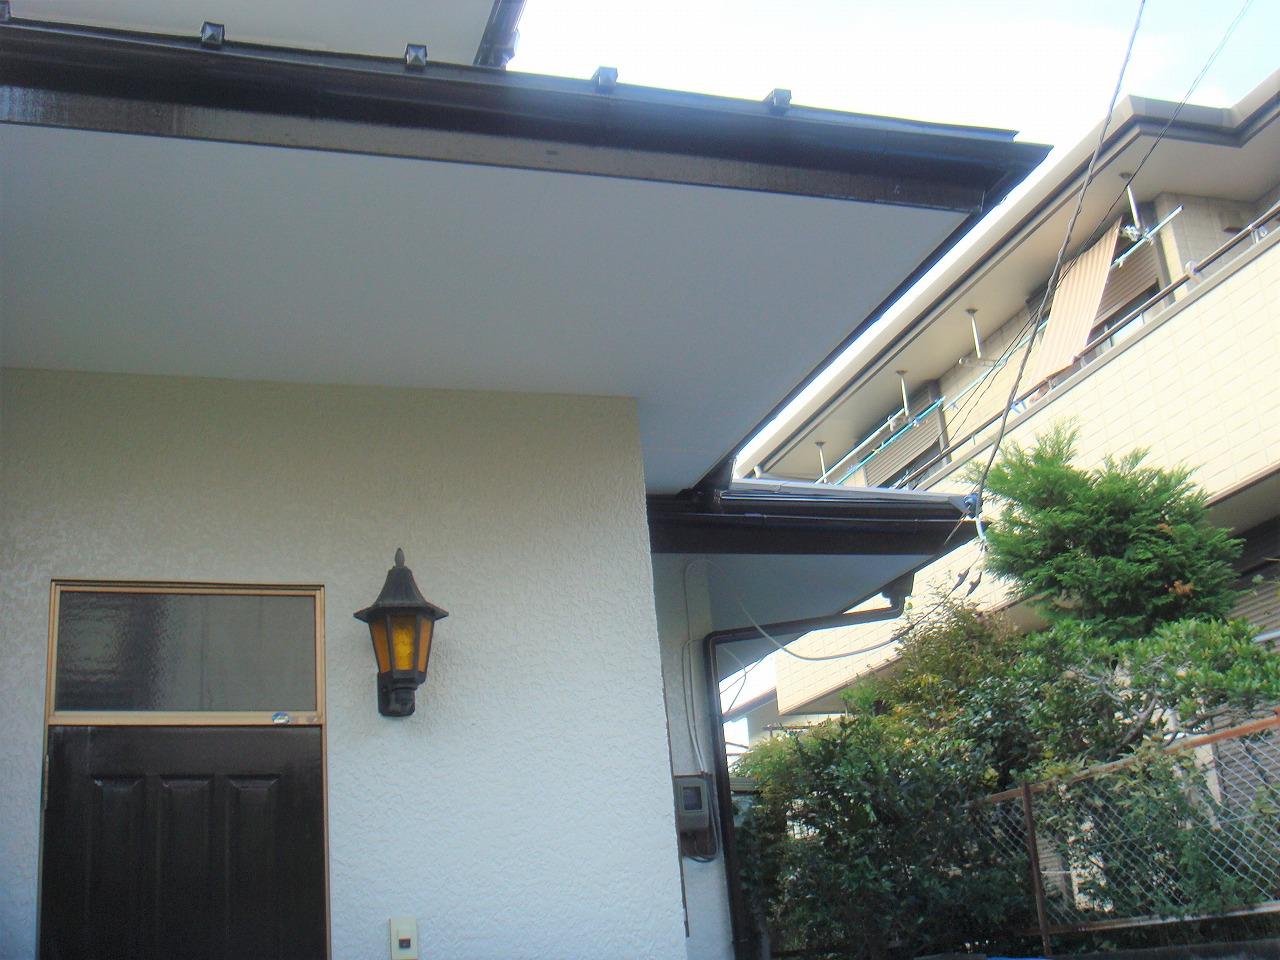 軽量で建物への負担も少ない、ガルバリウム鋼板の屋根。カバー工法で費用面と耐久性を兼ね備えるリフォーム。のアフター画像